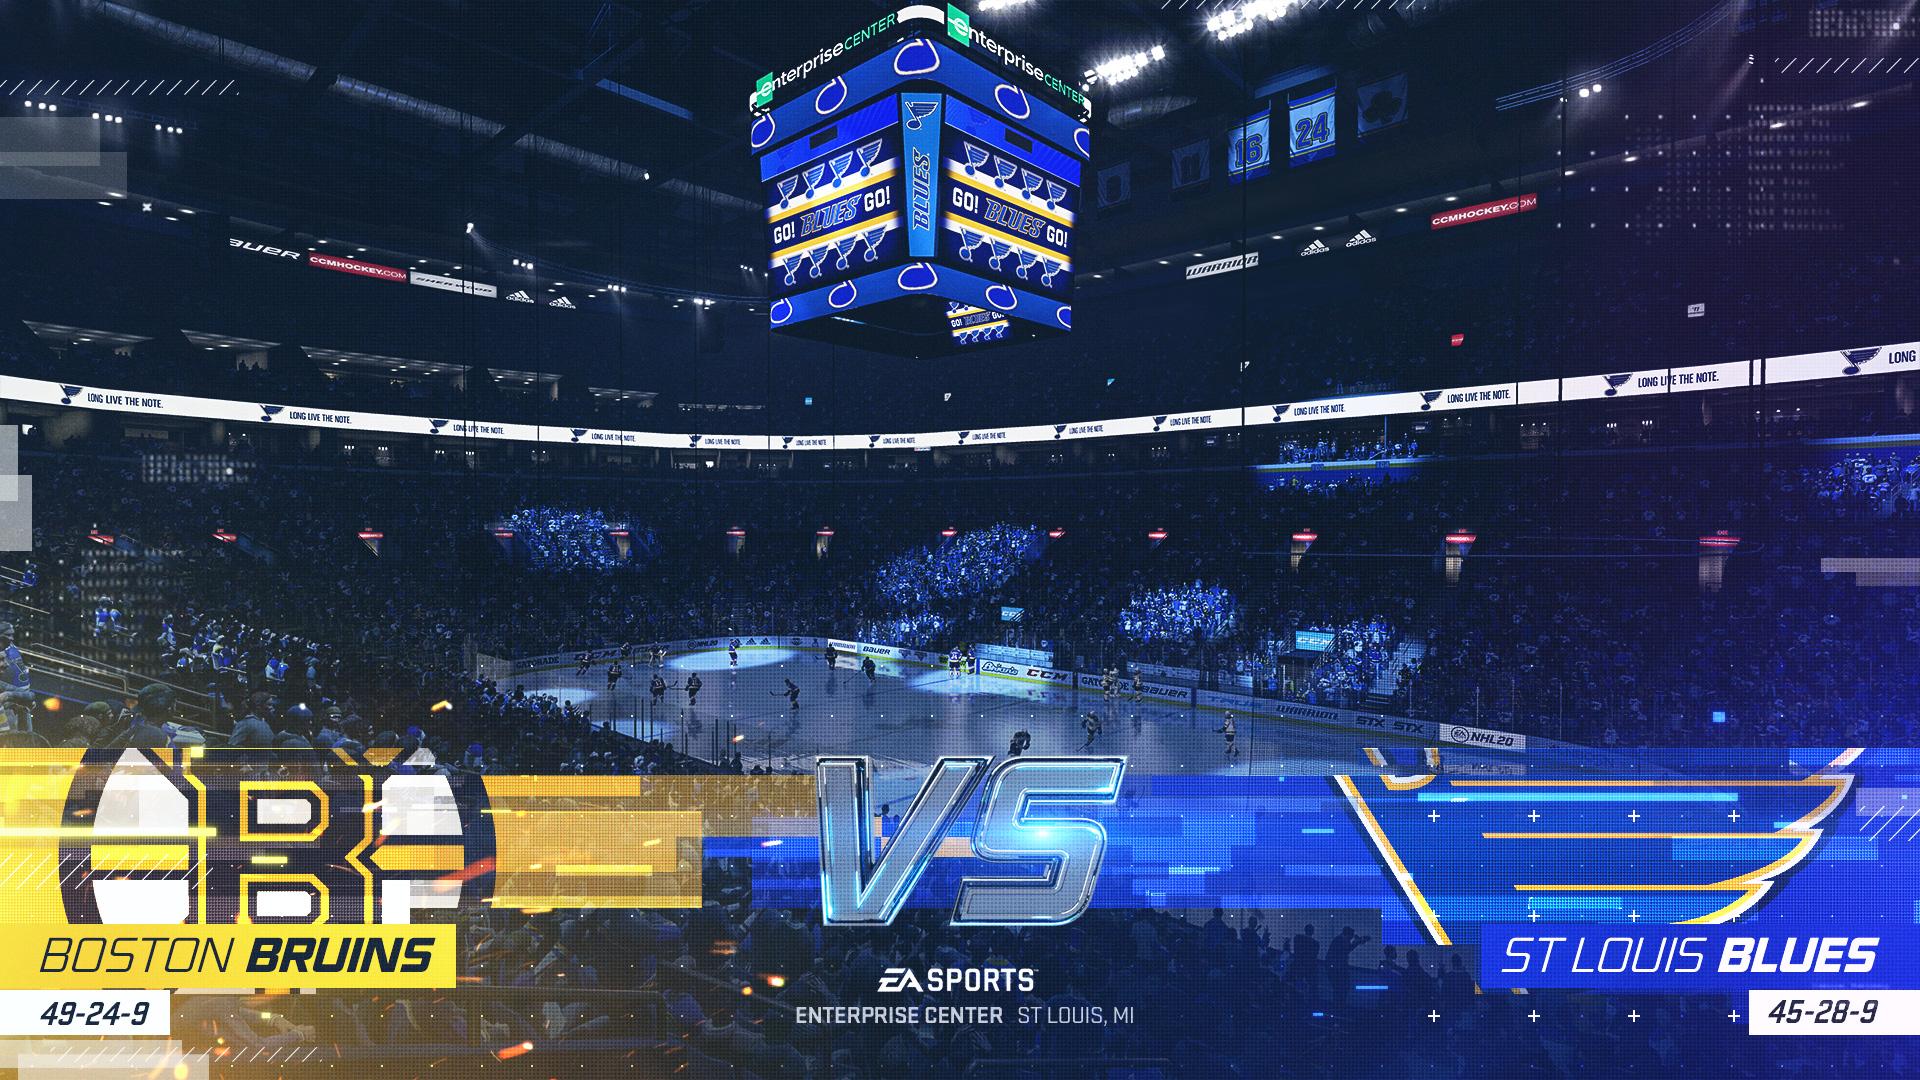 NHL-pelisarjan yhteistyö tosielämän tv-jätti NBC:n kanssa on päättynyt. Uudessa änärissä televisiomaisuudesta vastaa EA:n oma systeemi.